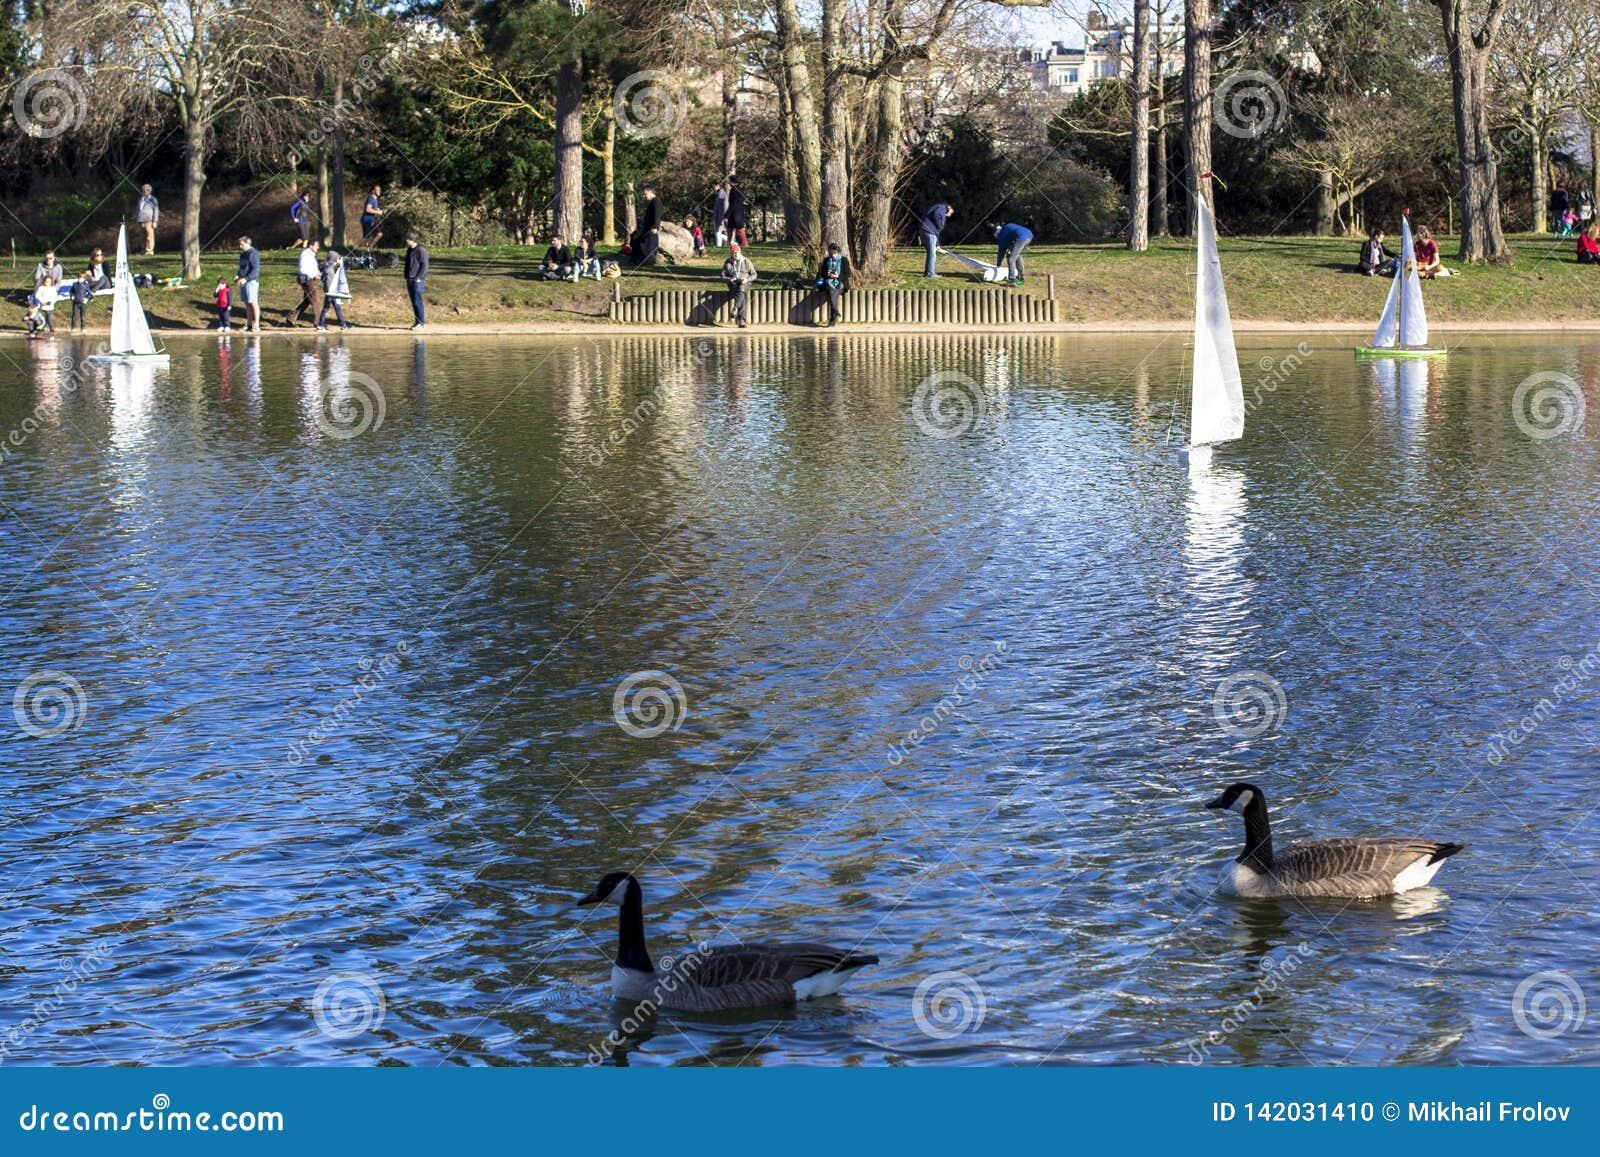 Veleros modelo en una charca en un parque en París Los pájaros vuelan, los padres caminan con los niños, gansos en una charca